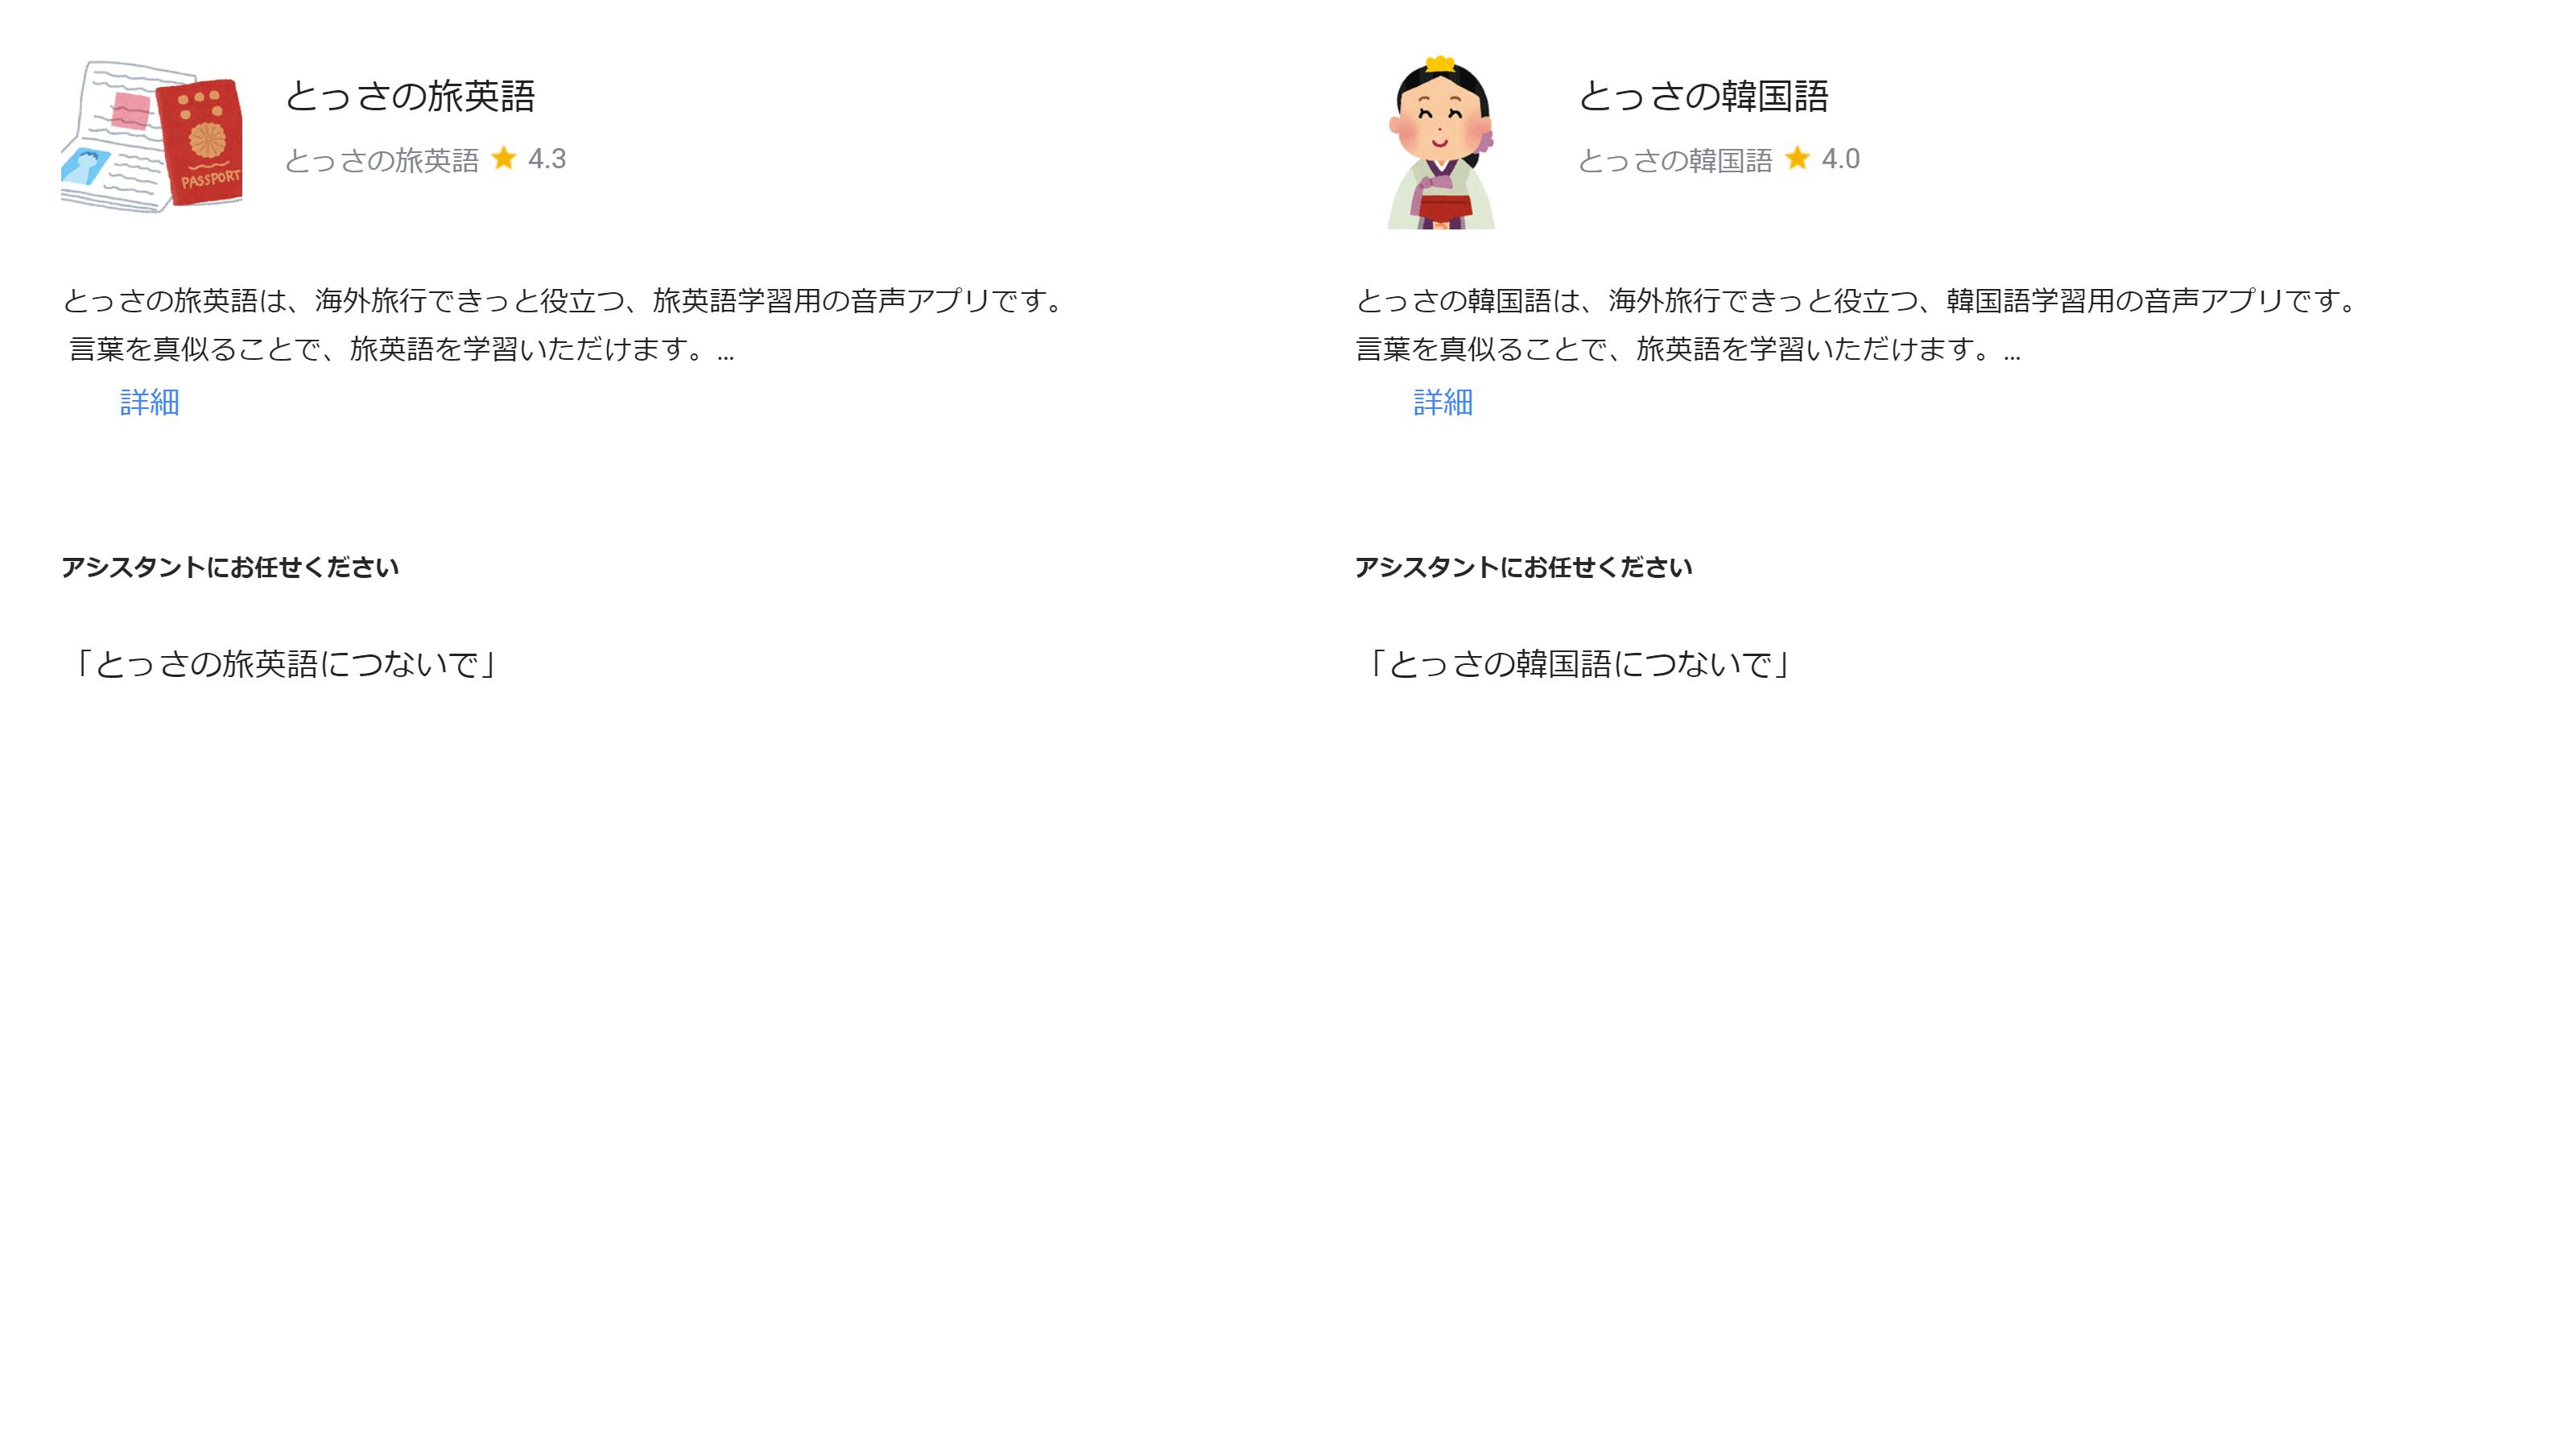 スクリーンショット (201).png